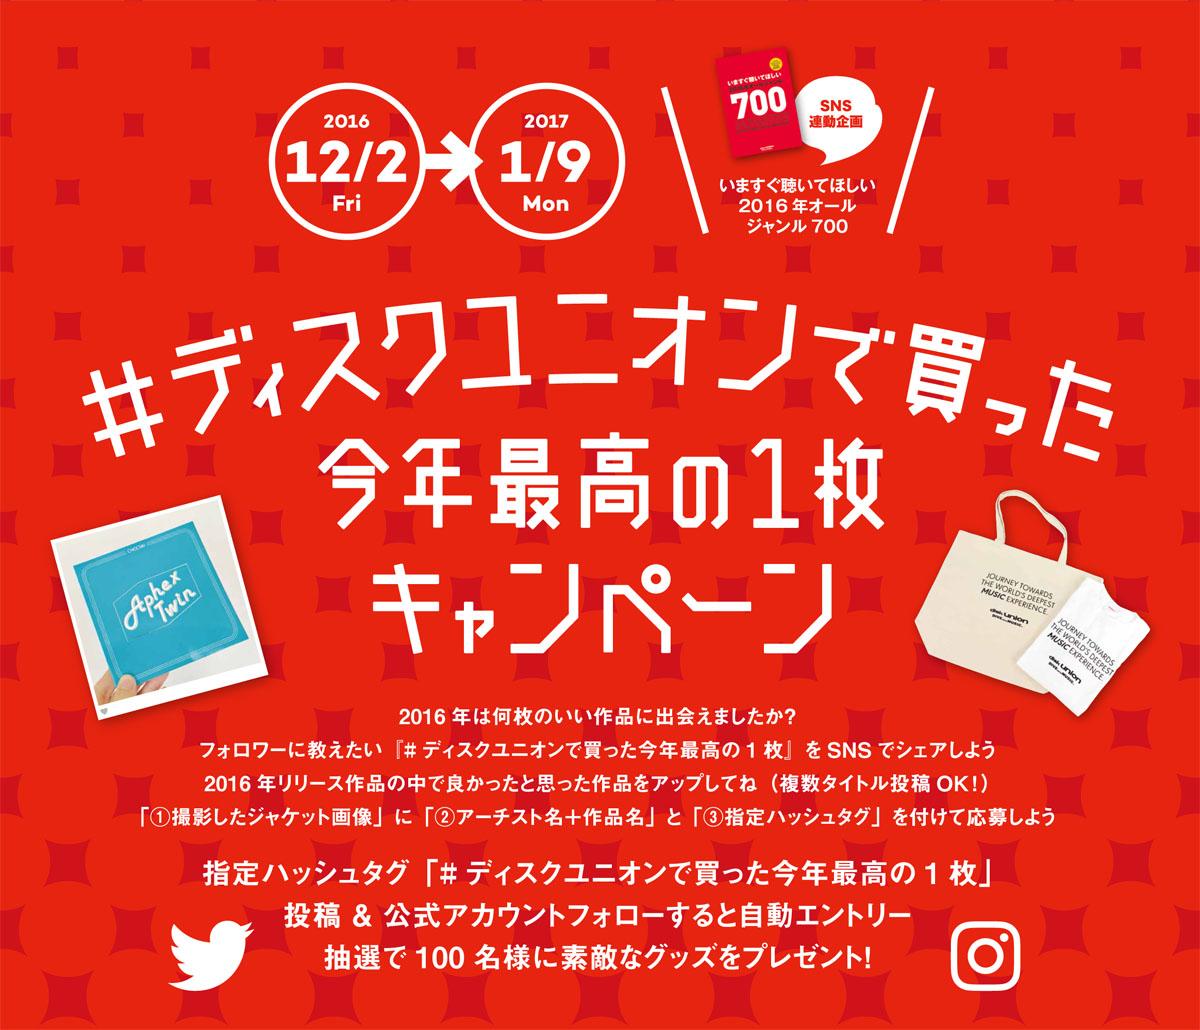 『#ディスクユニオンで買った今年最高の1枚』 TWITTER & INSTAGRAMキャンペーン開催